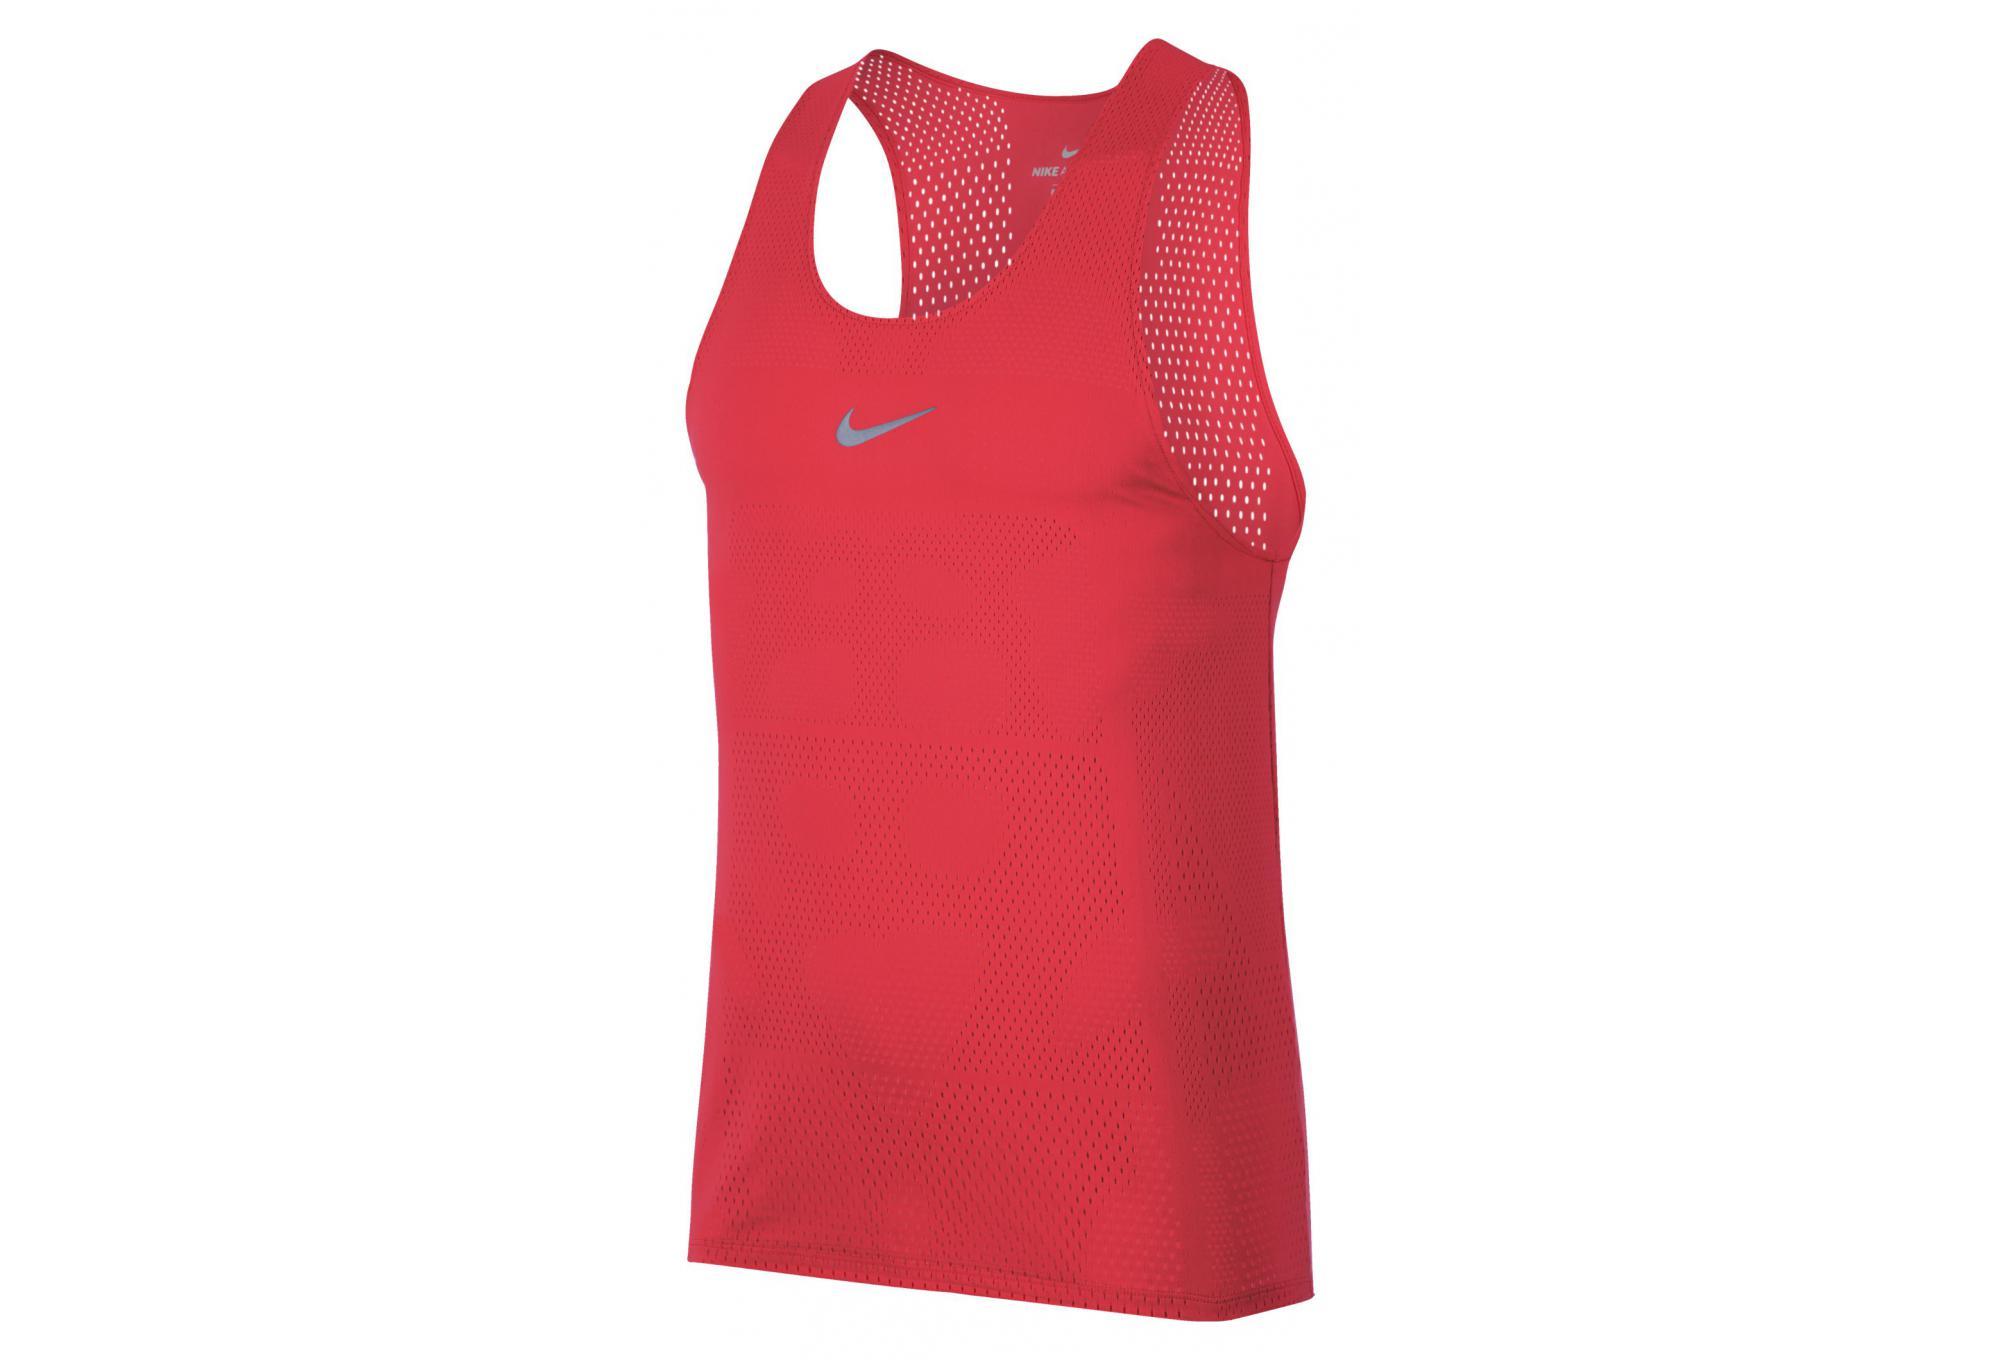 d90d6f6b9d6fb1 Nike Tank AeroSwift Red Men